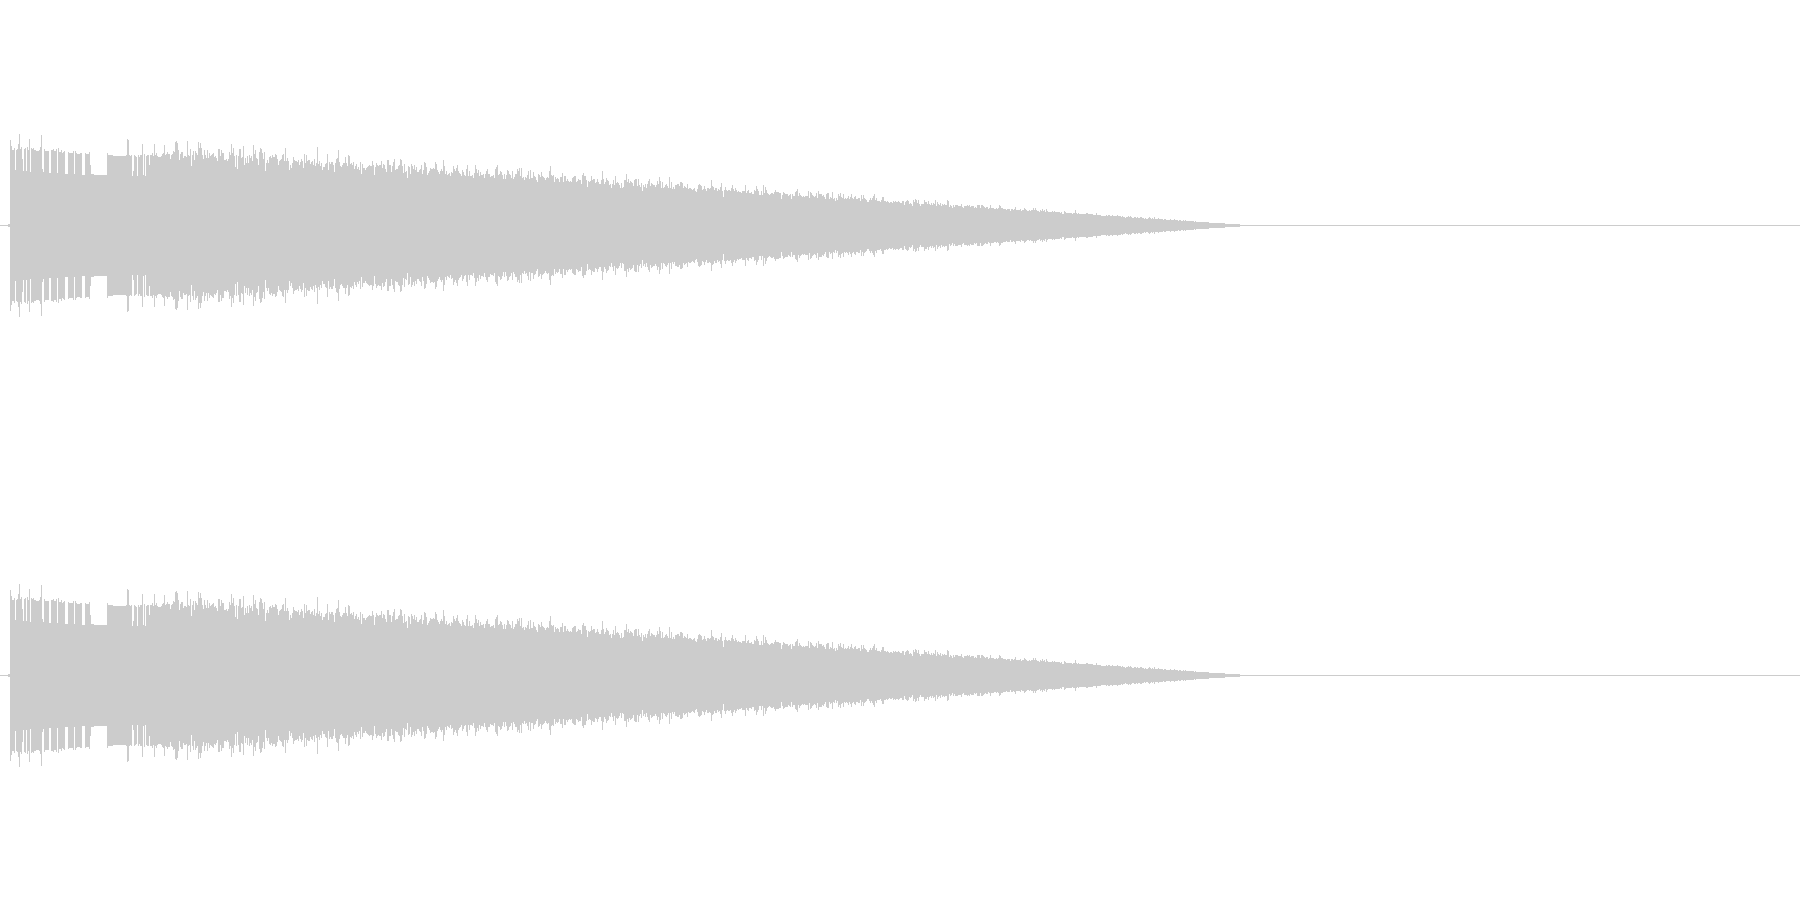 レトロゲーム風ヒット音3の未再生の波形